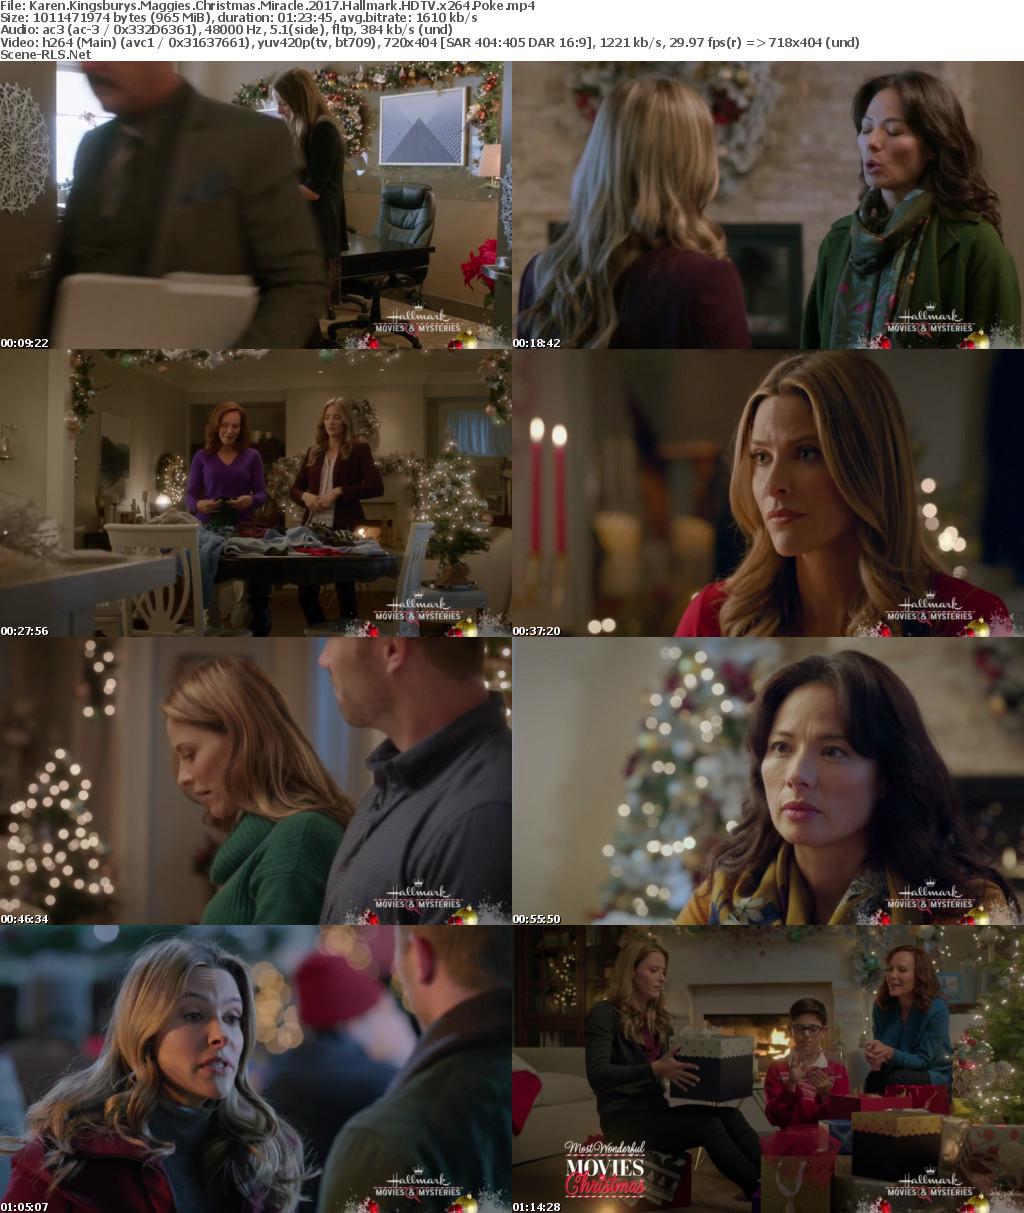 Maggies Christmas Miracle.Karen Kingsburys Maggies Christmas Miracle 2017 Hallmark